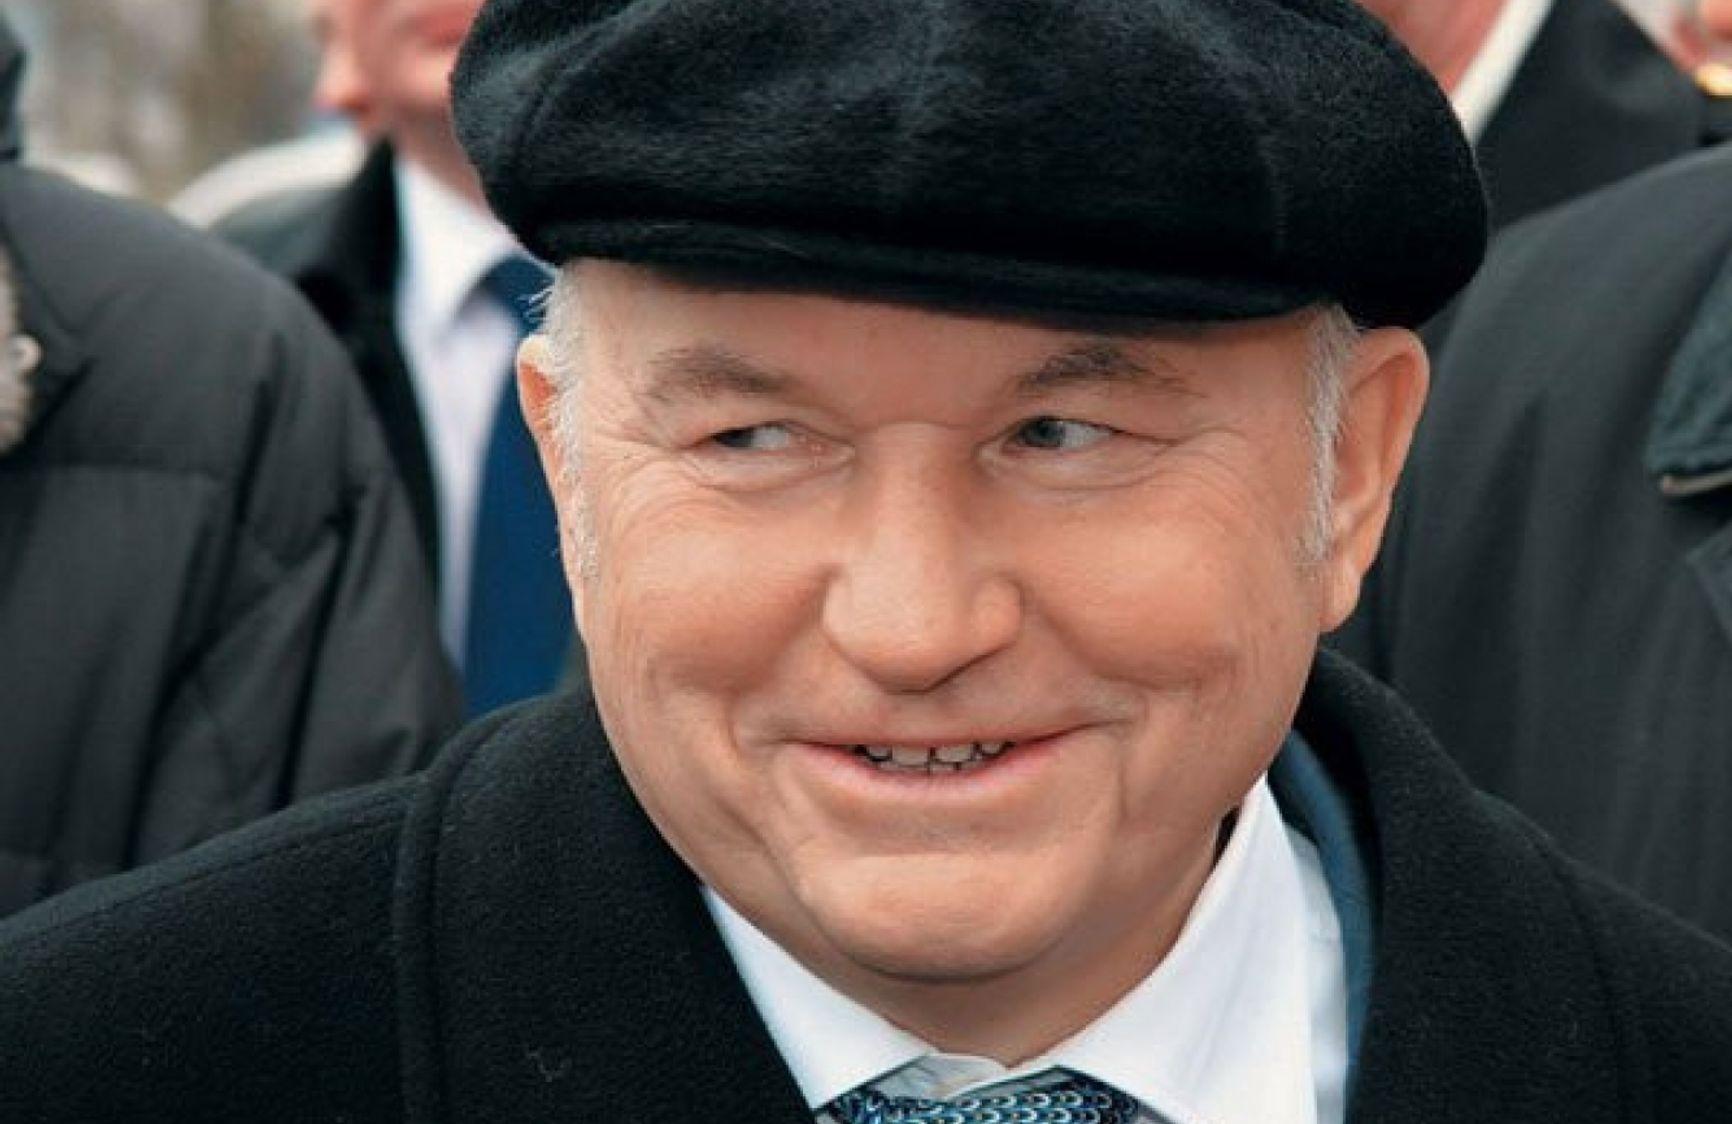 """Егорова считалась """"лужковской"""" креатурой, но смогла сохранить позицию после его ухода"""